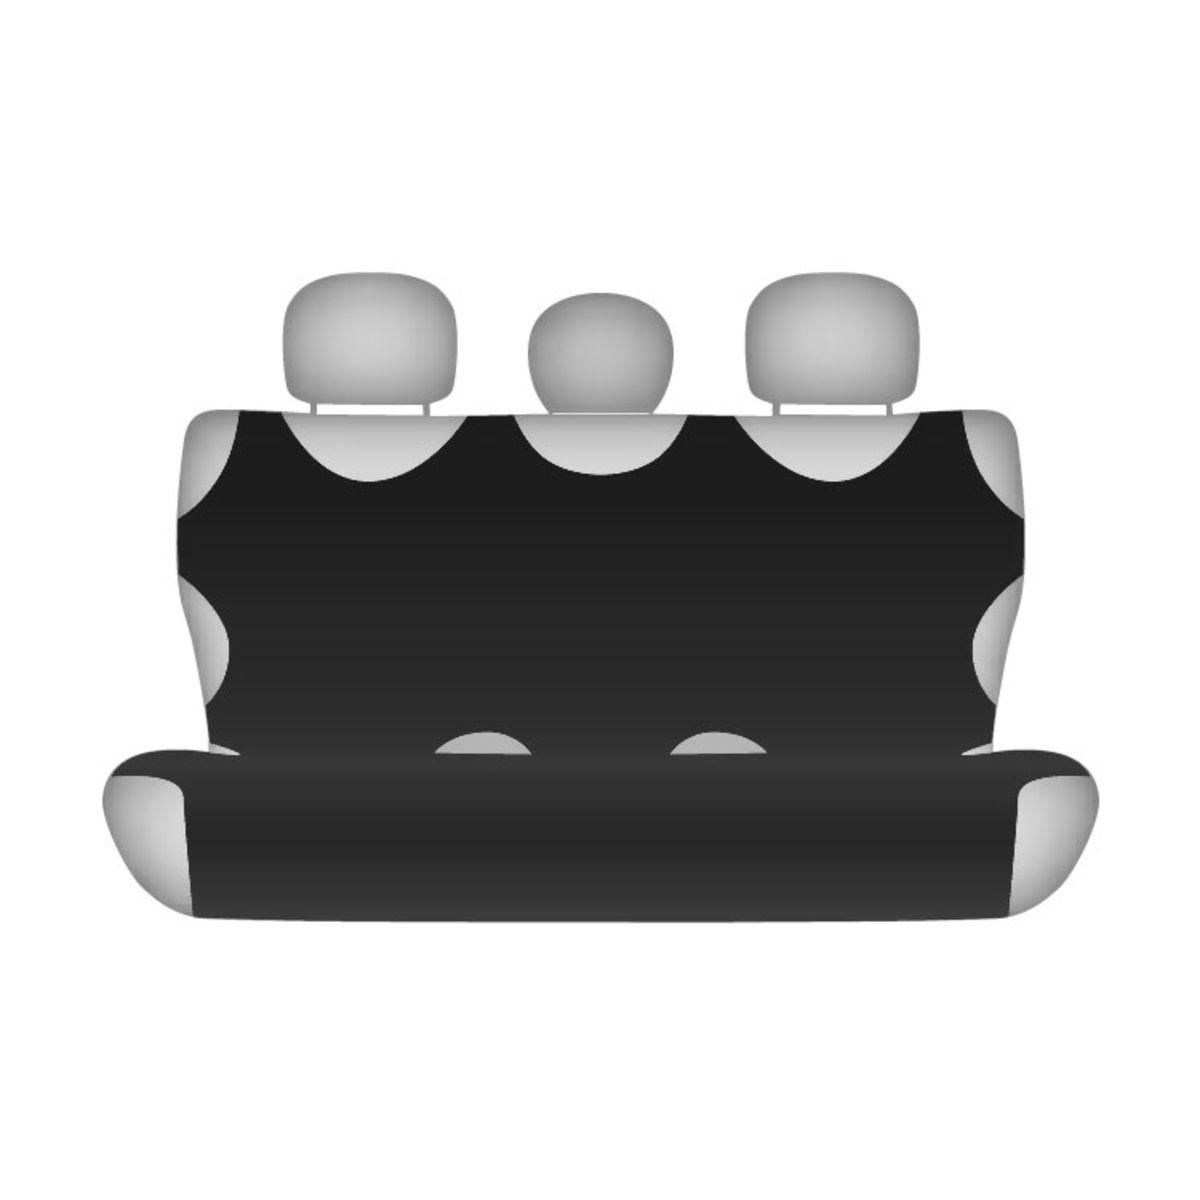 KEGEL Potahy zadní, univerzální, černá barva, model triko